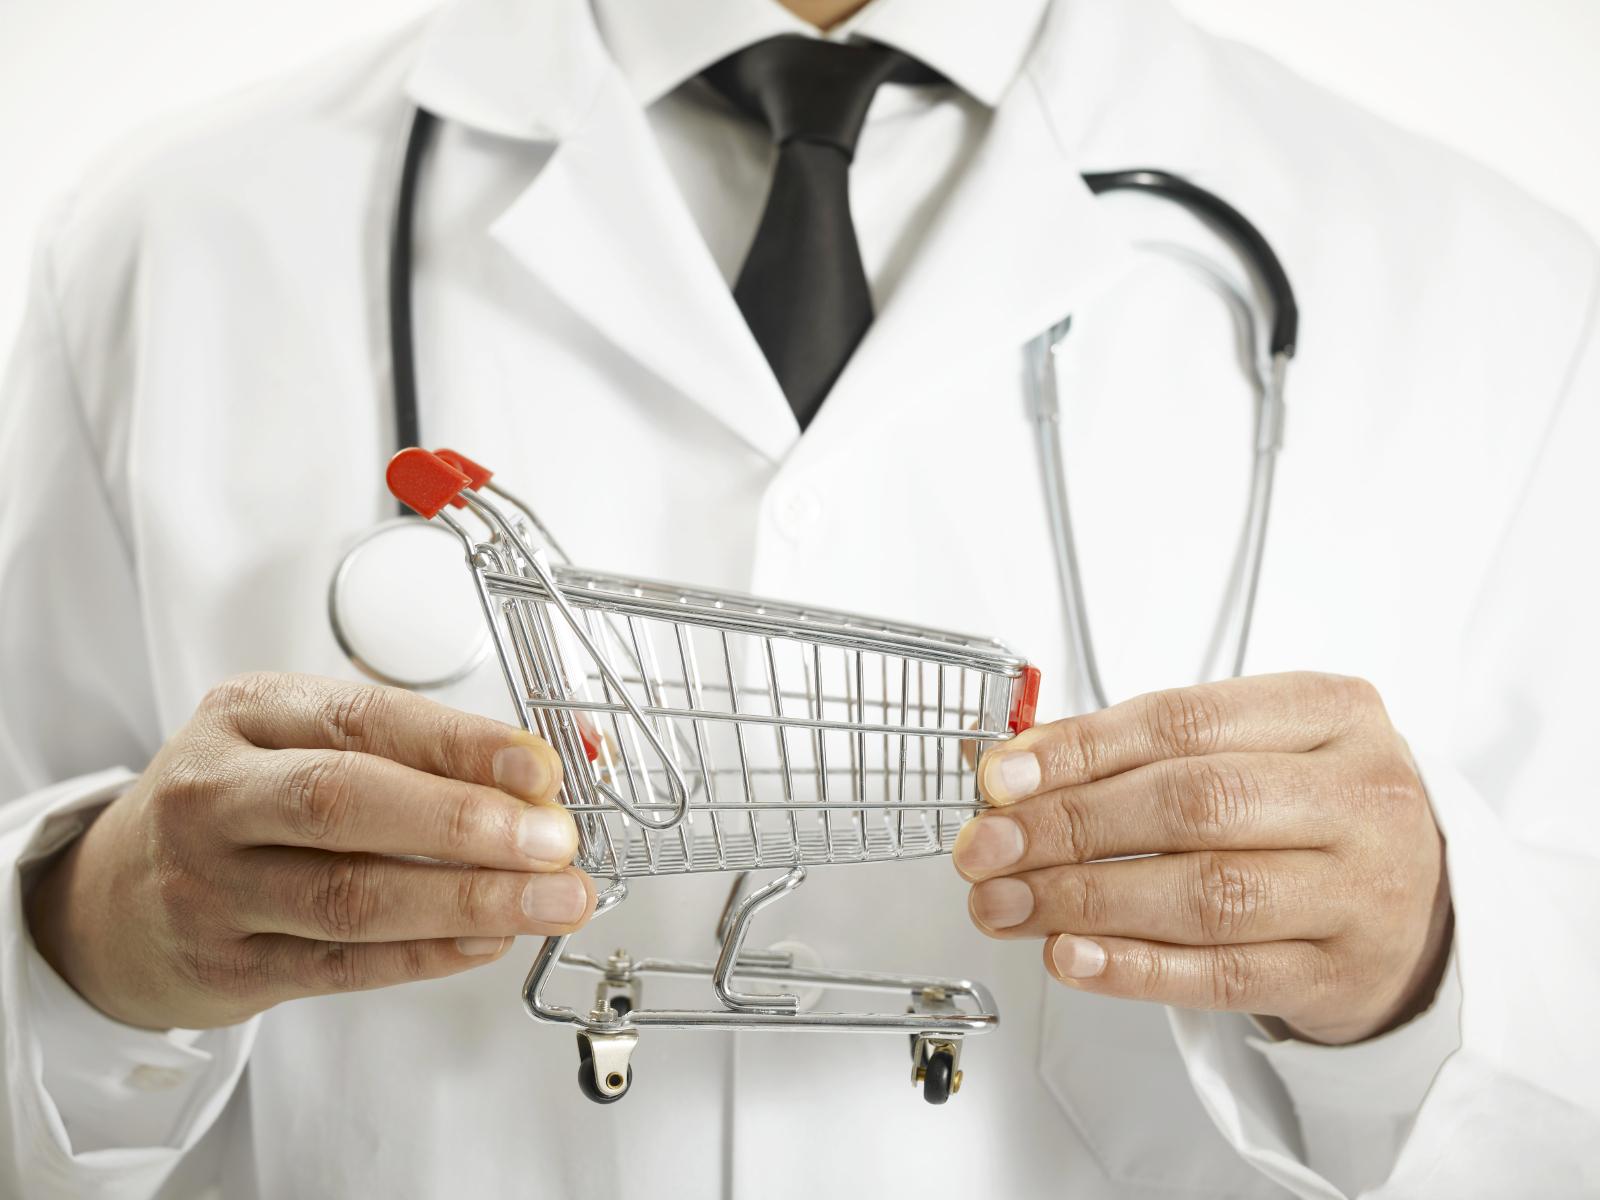 В Госдуме не одобрили идею присвоения врачам статуса ИП